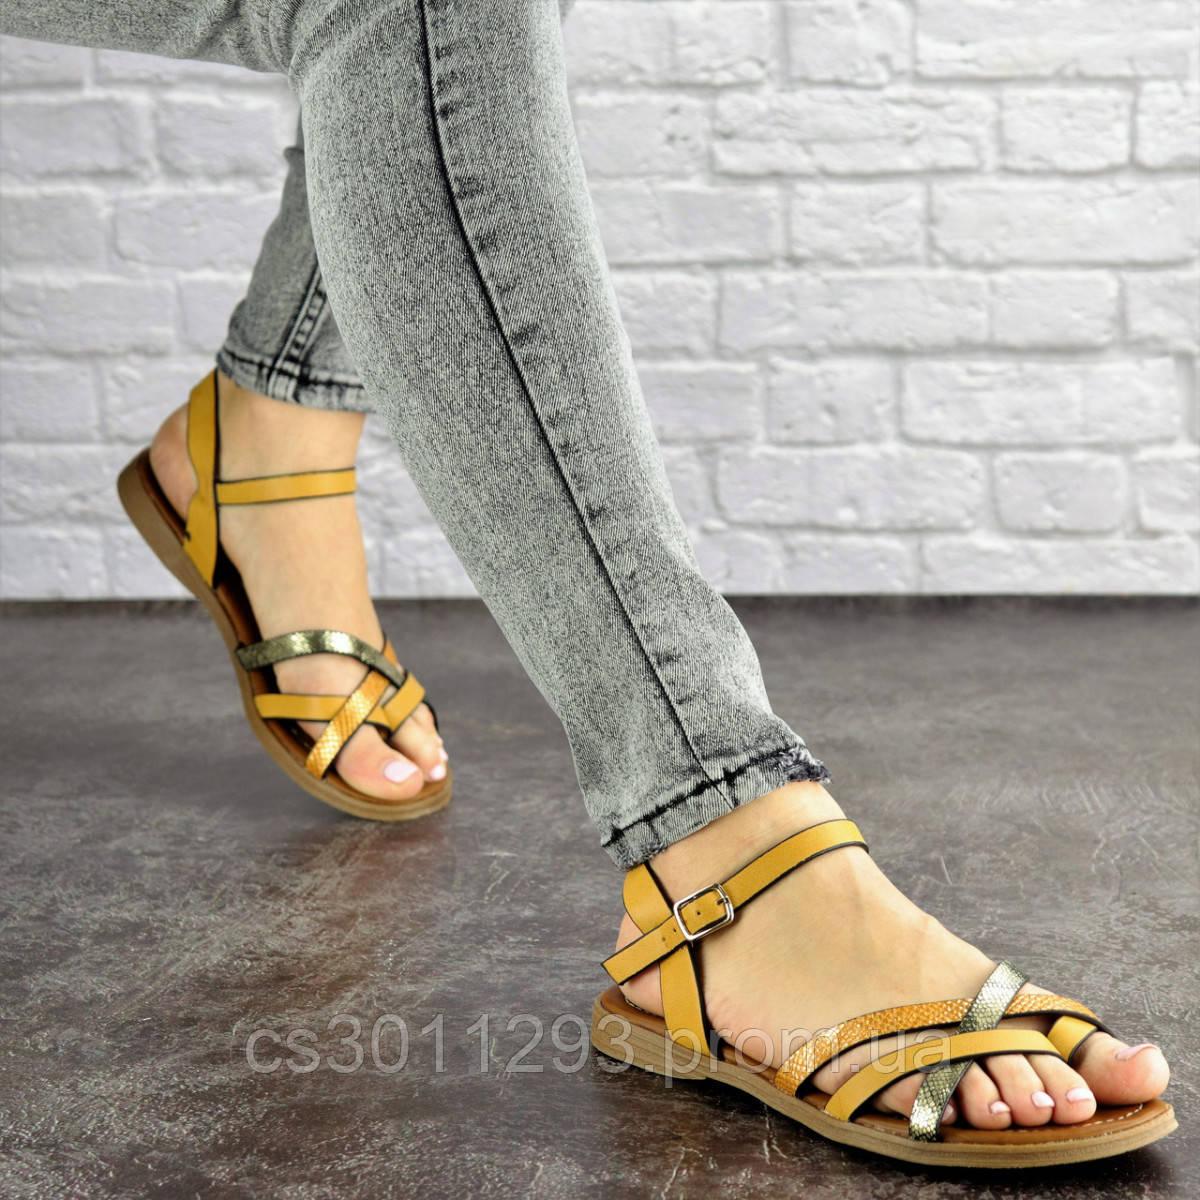 Женские босоножки Fashion Linda 1048 38 размер 24,5 см Коричневый